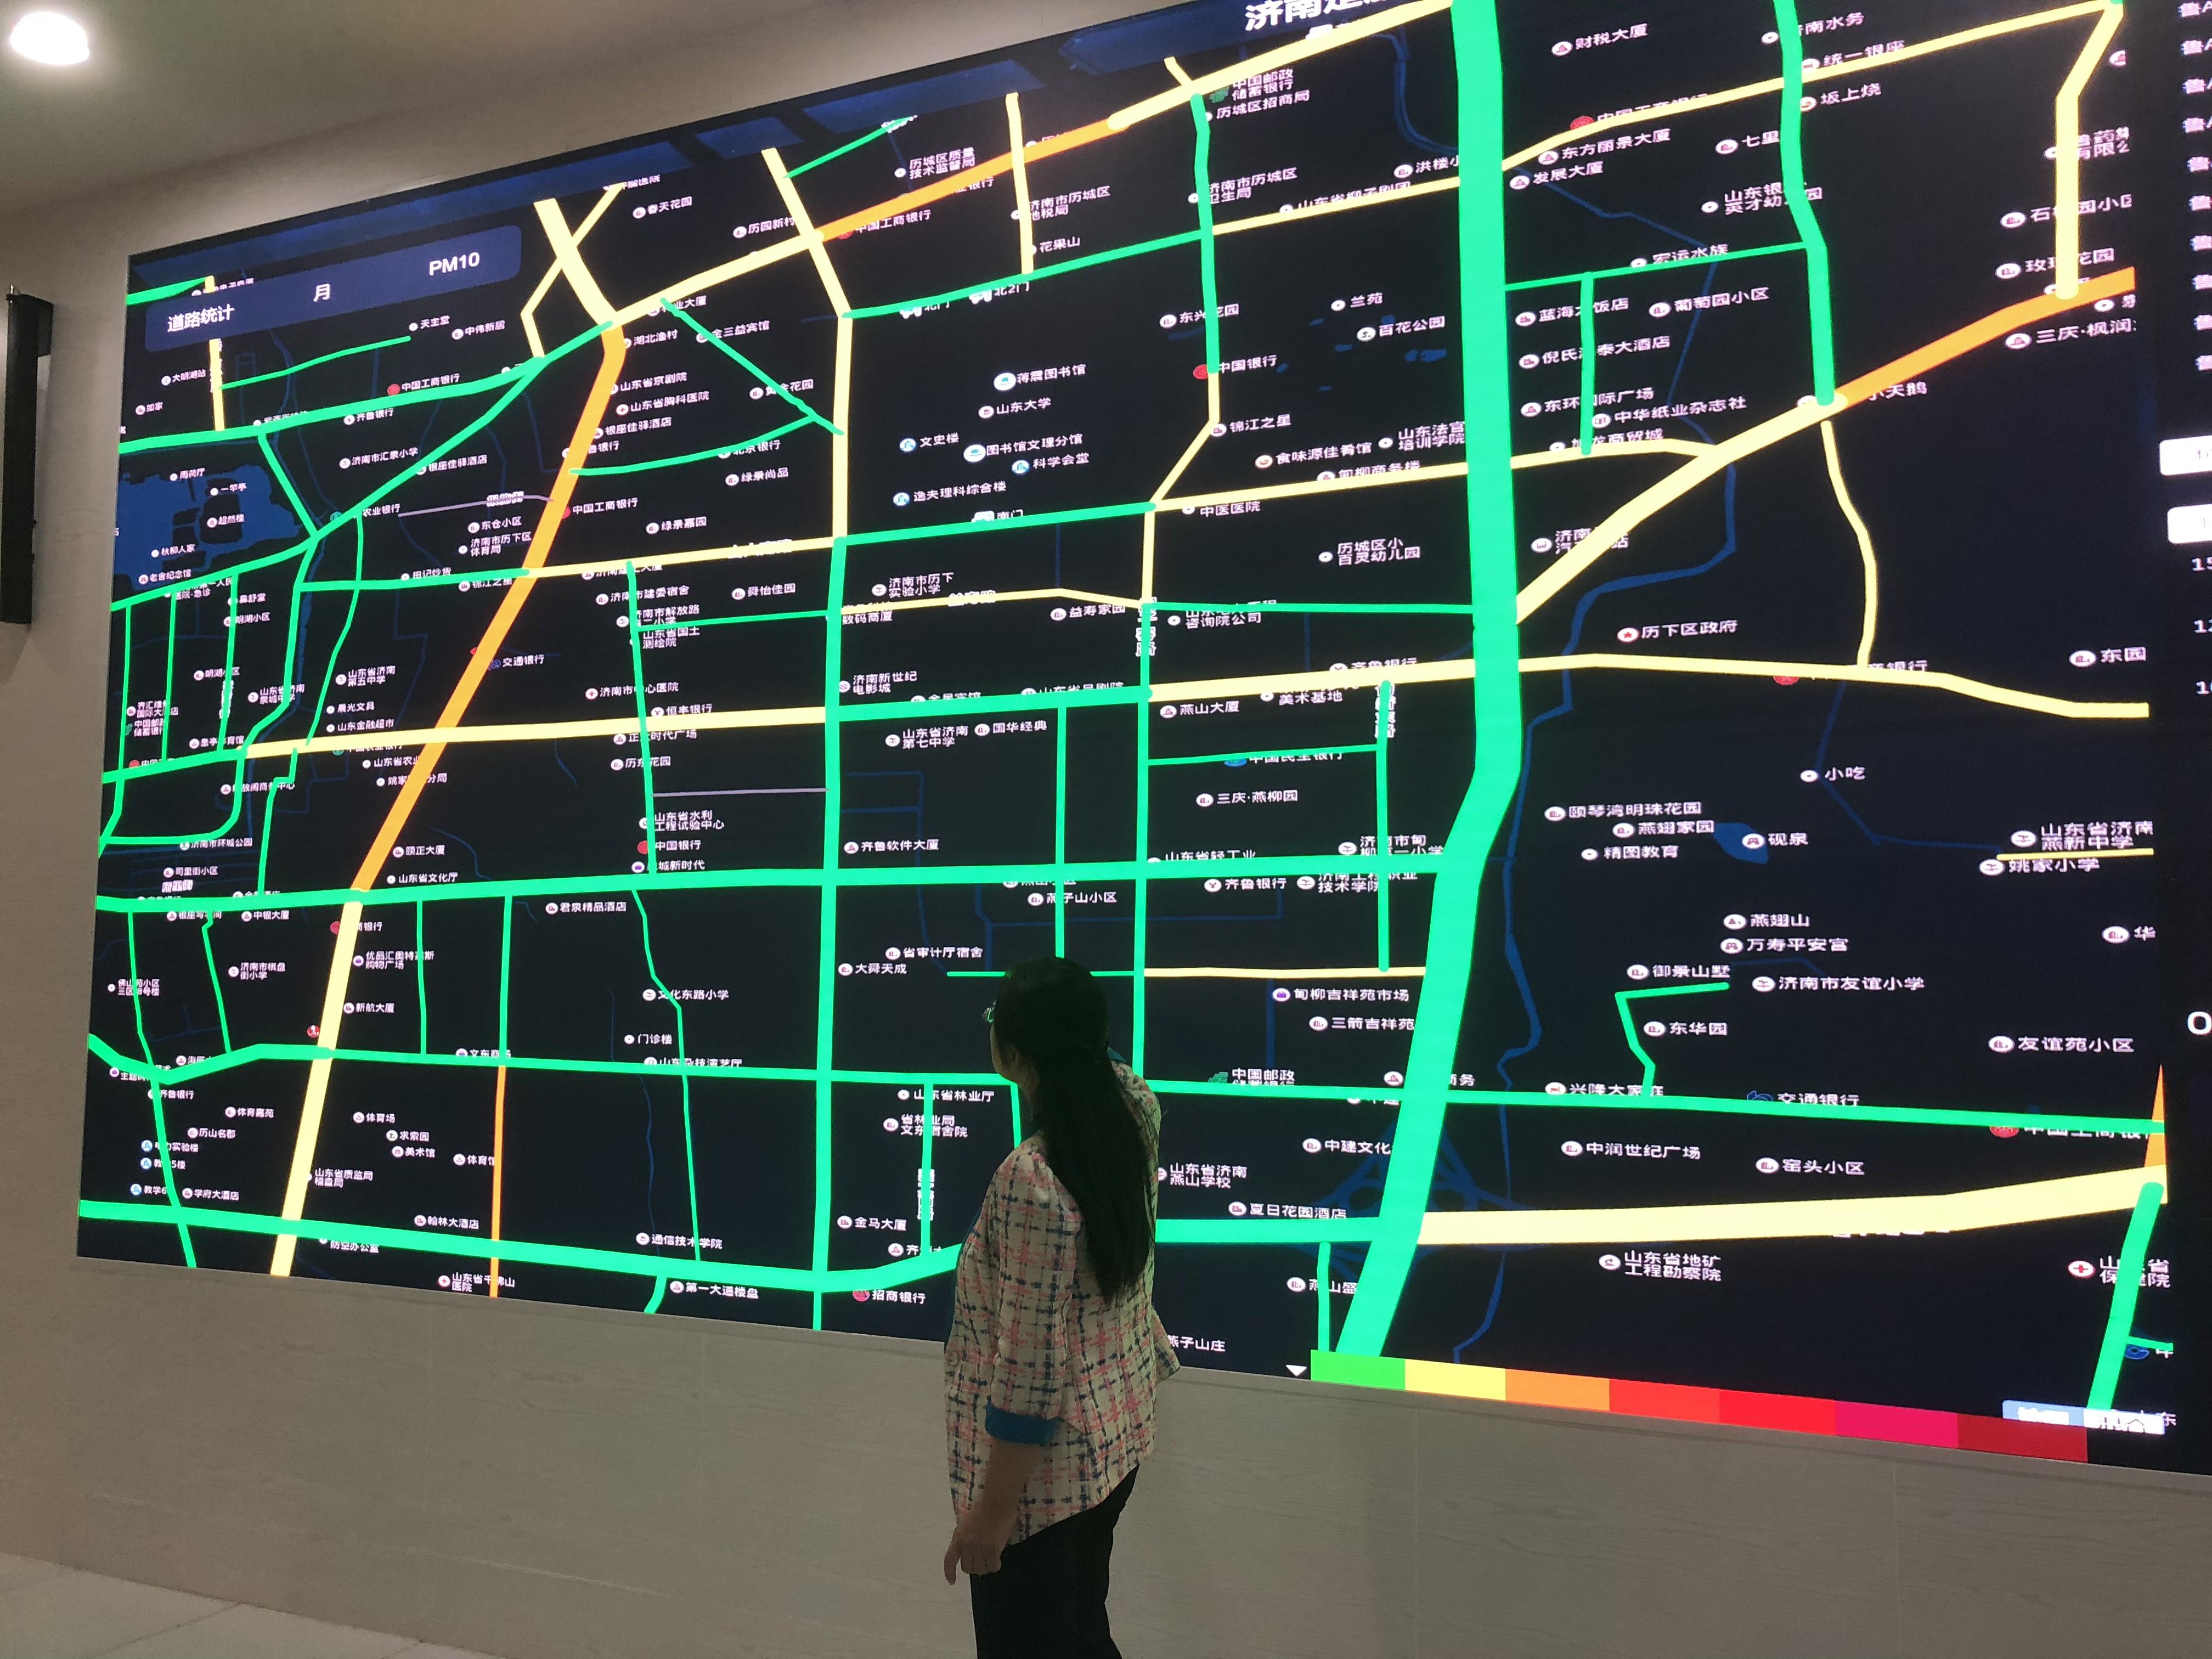 济南新建300辆出租车微型监测站  可进行污染监控和预警